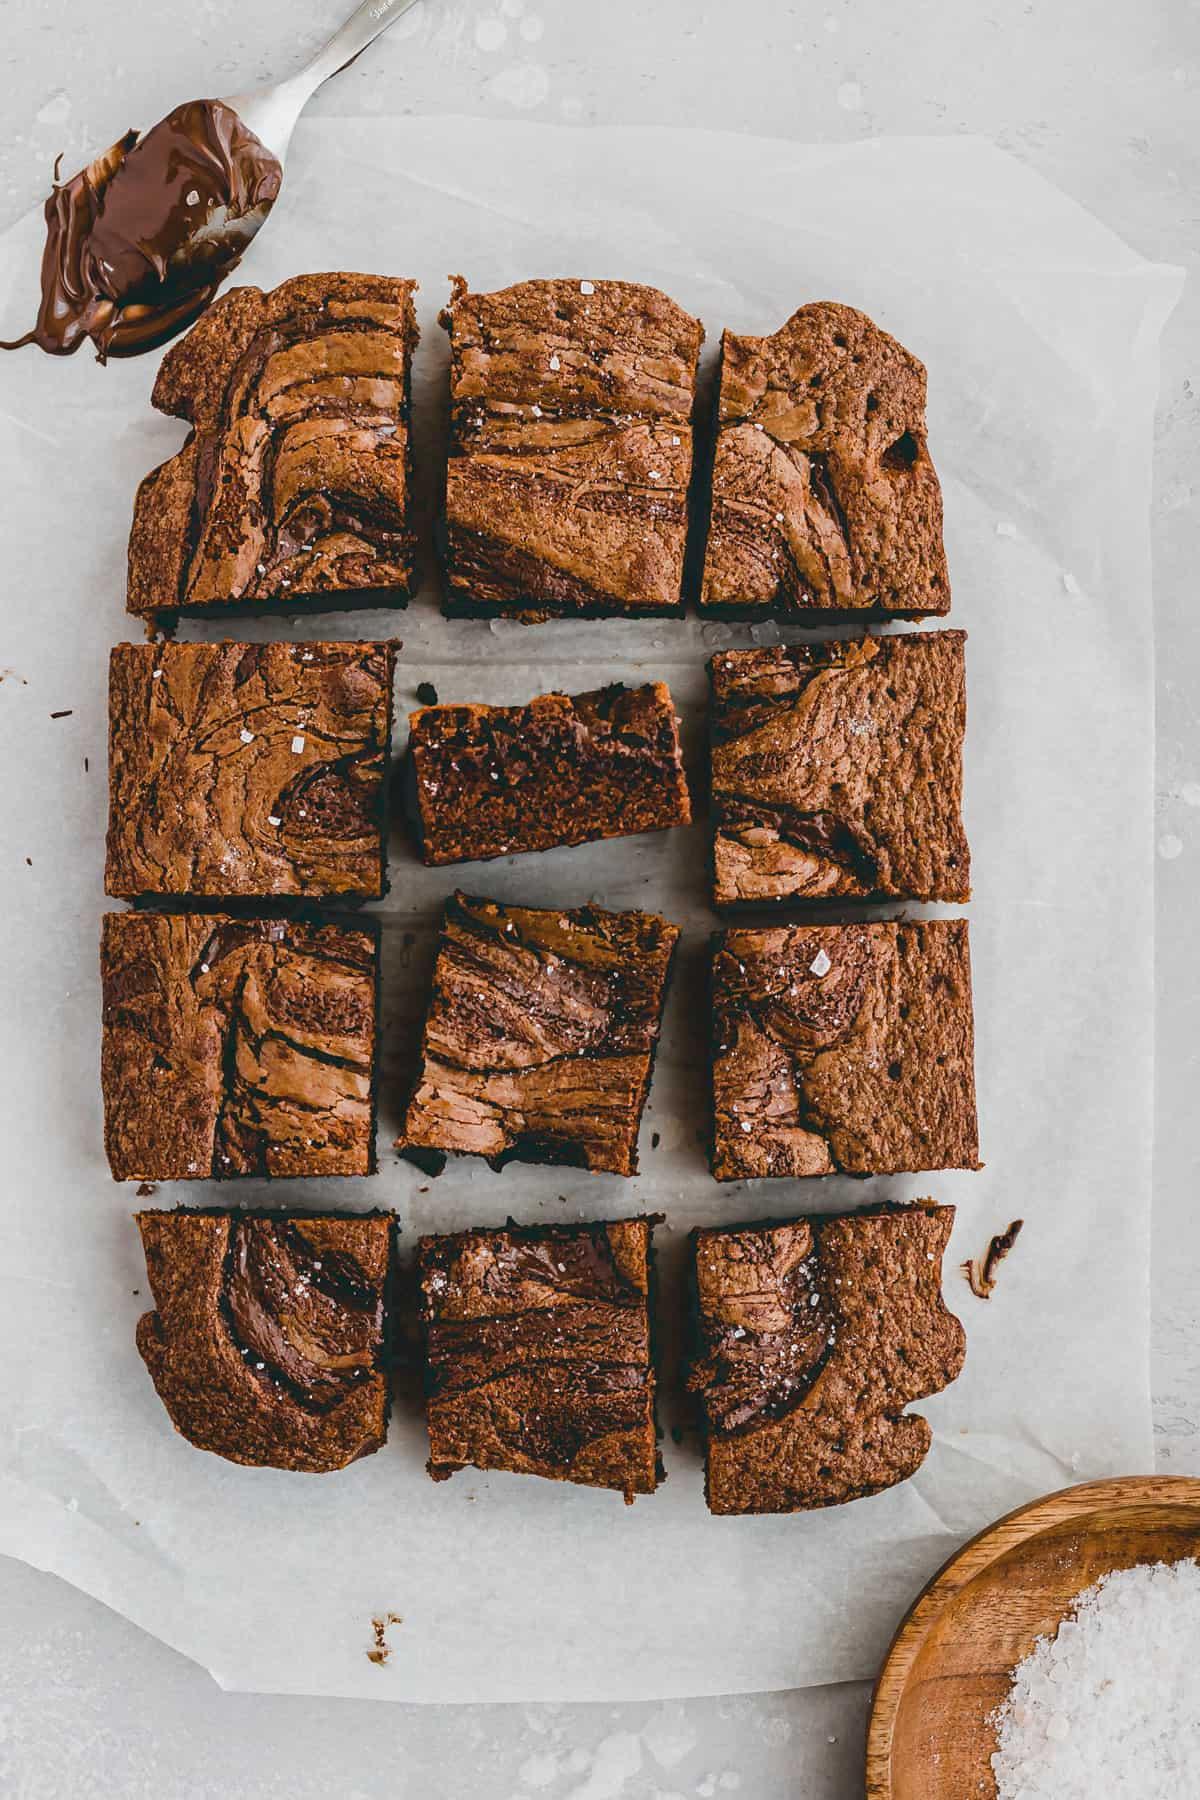 Nutella Brownie Recipe Step 11